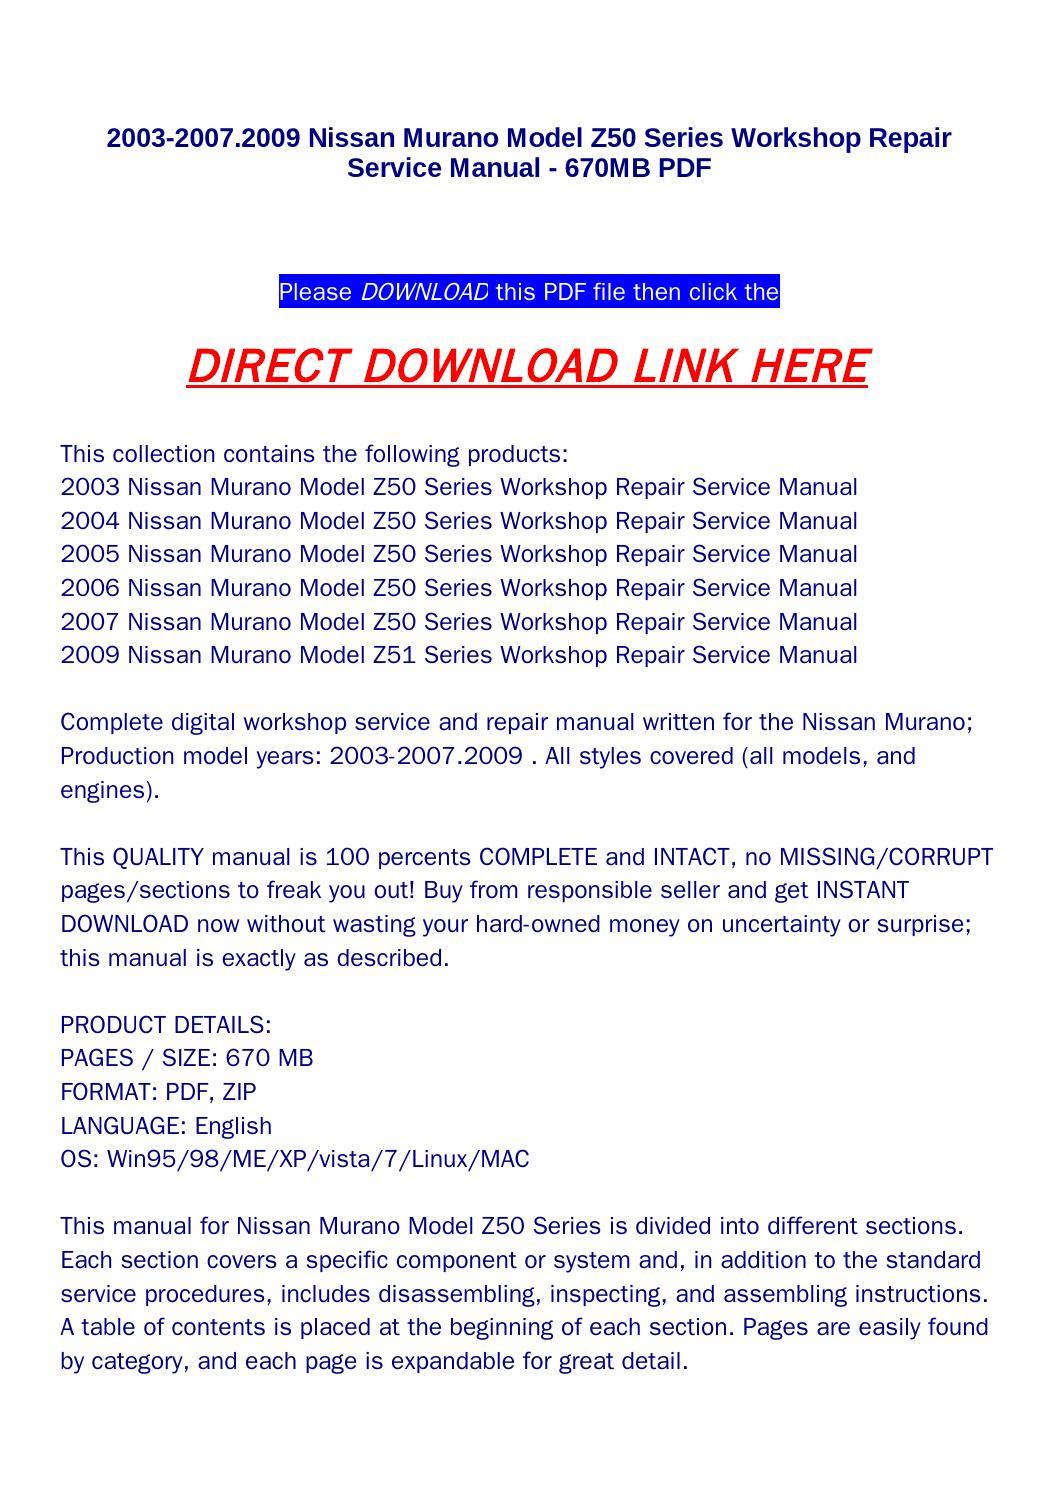 2003 nissan murano service repair manual download